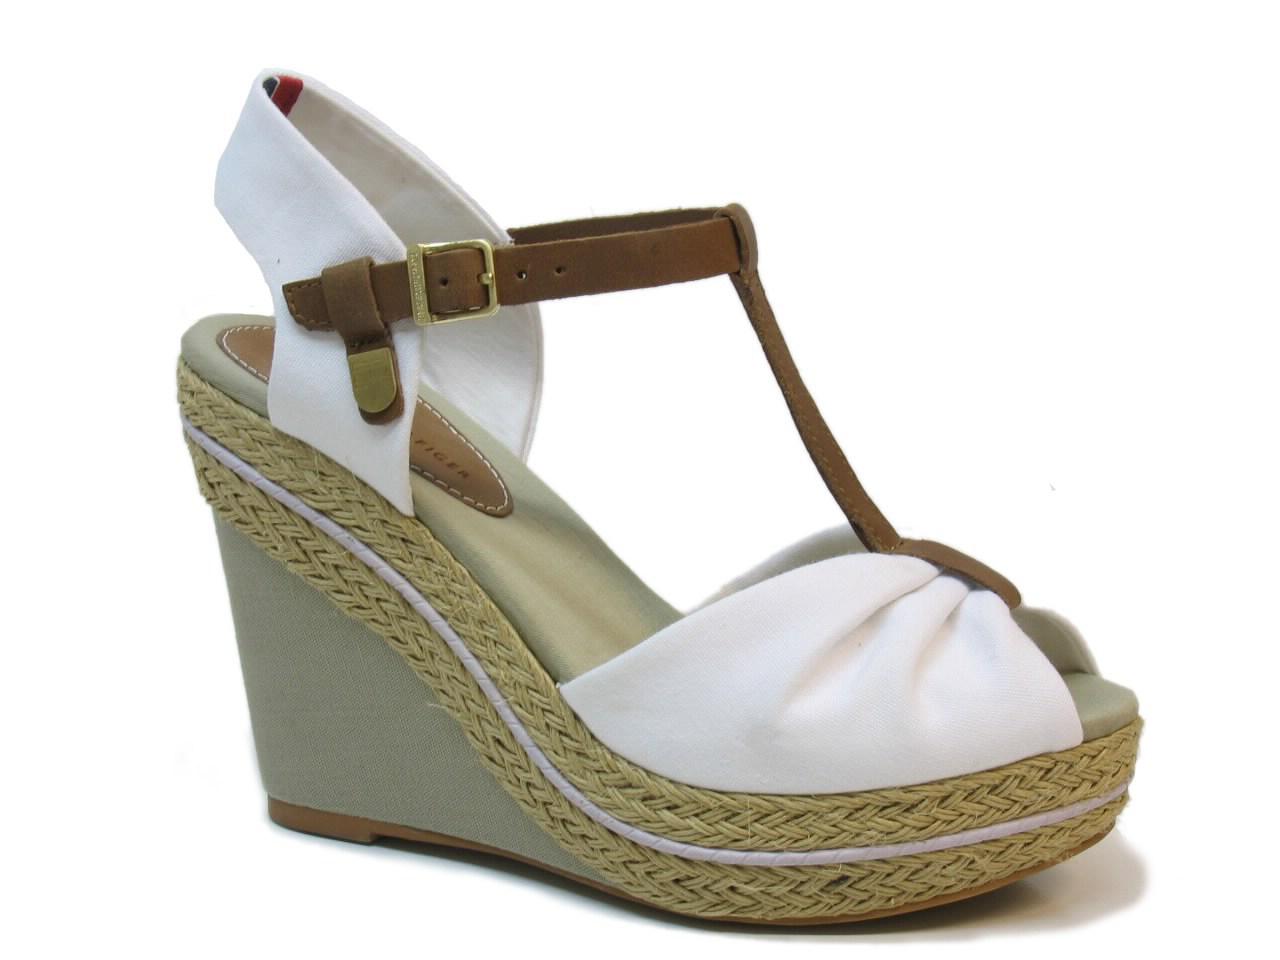 Sandalias de Cuña Tommy Hilfiger - 309 15460